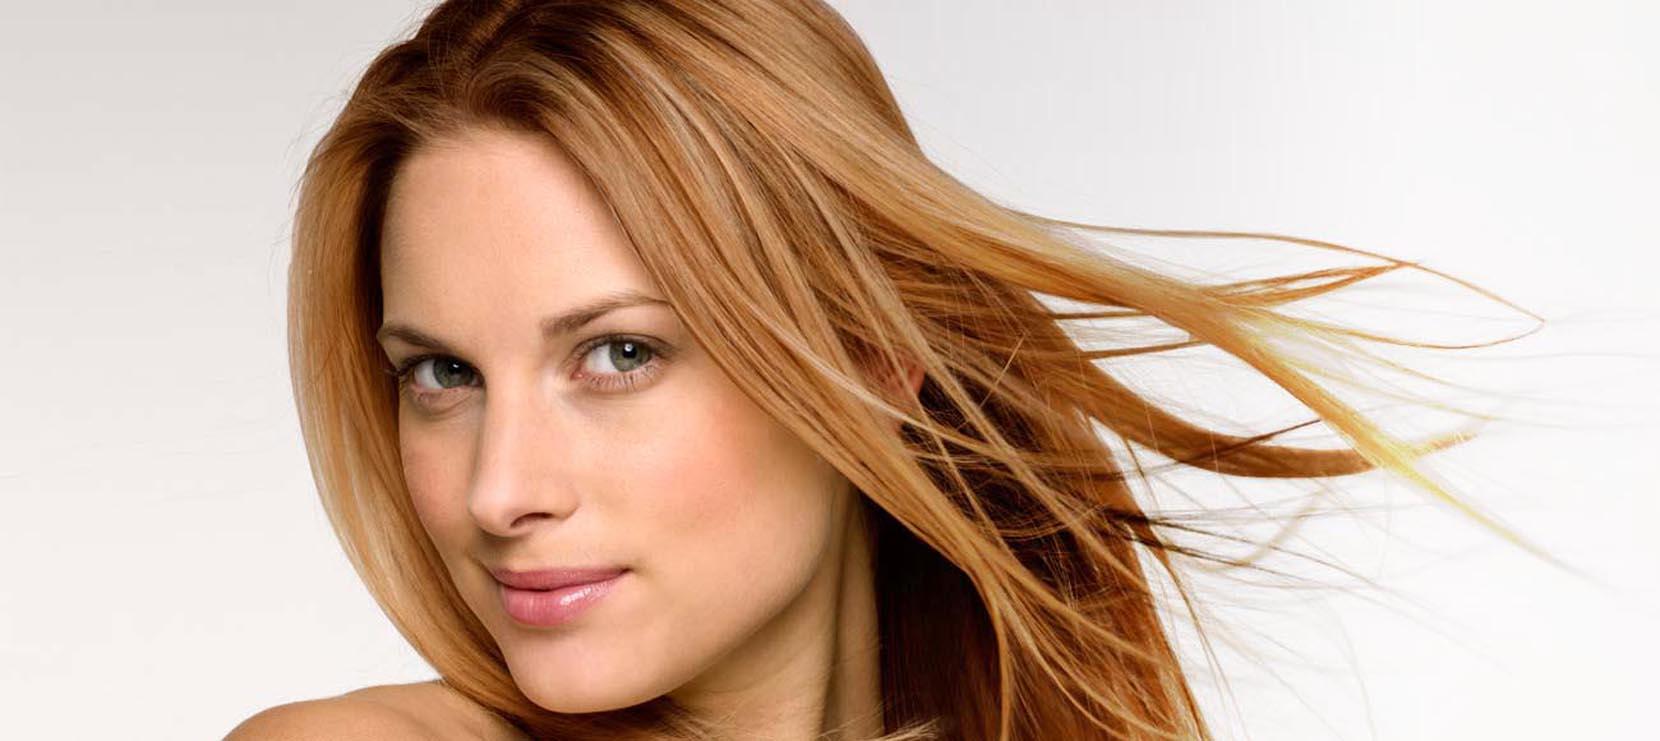 Le moyen national de la chute des cheveux pour les femmes